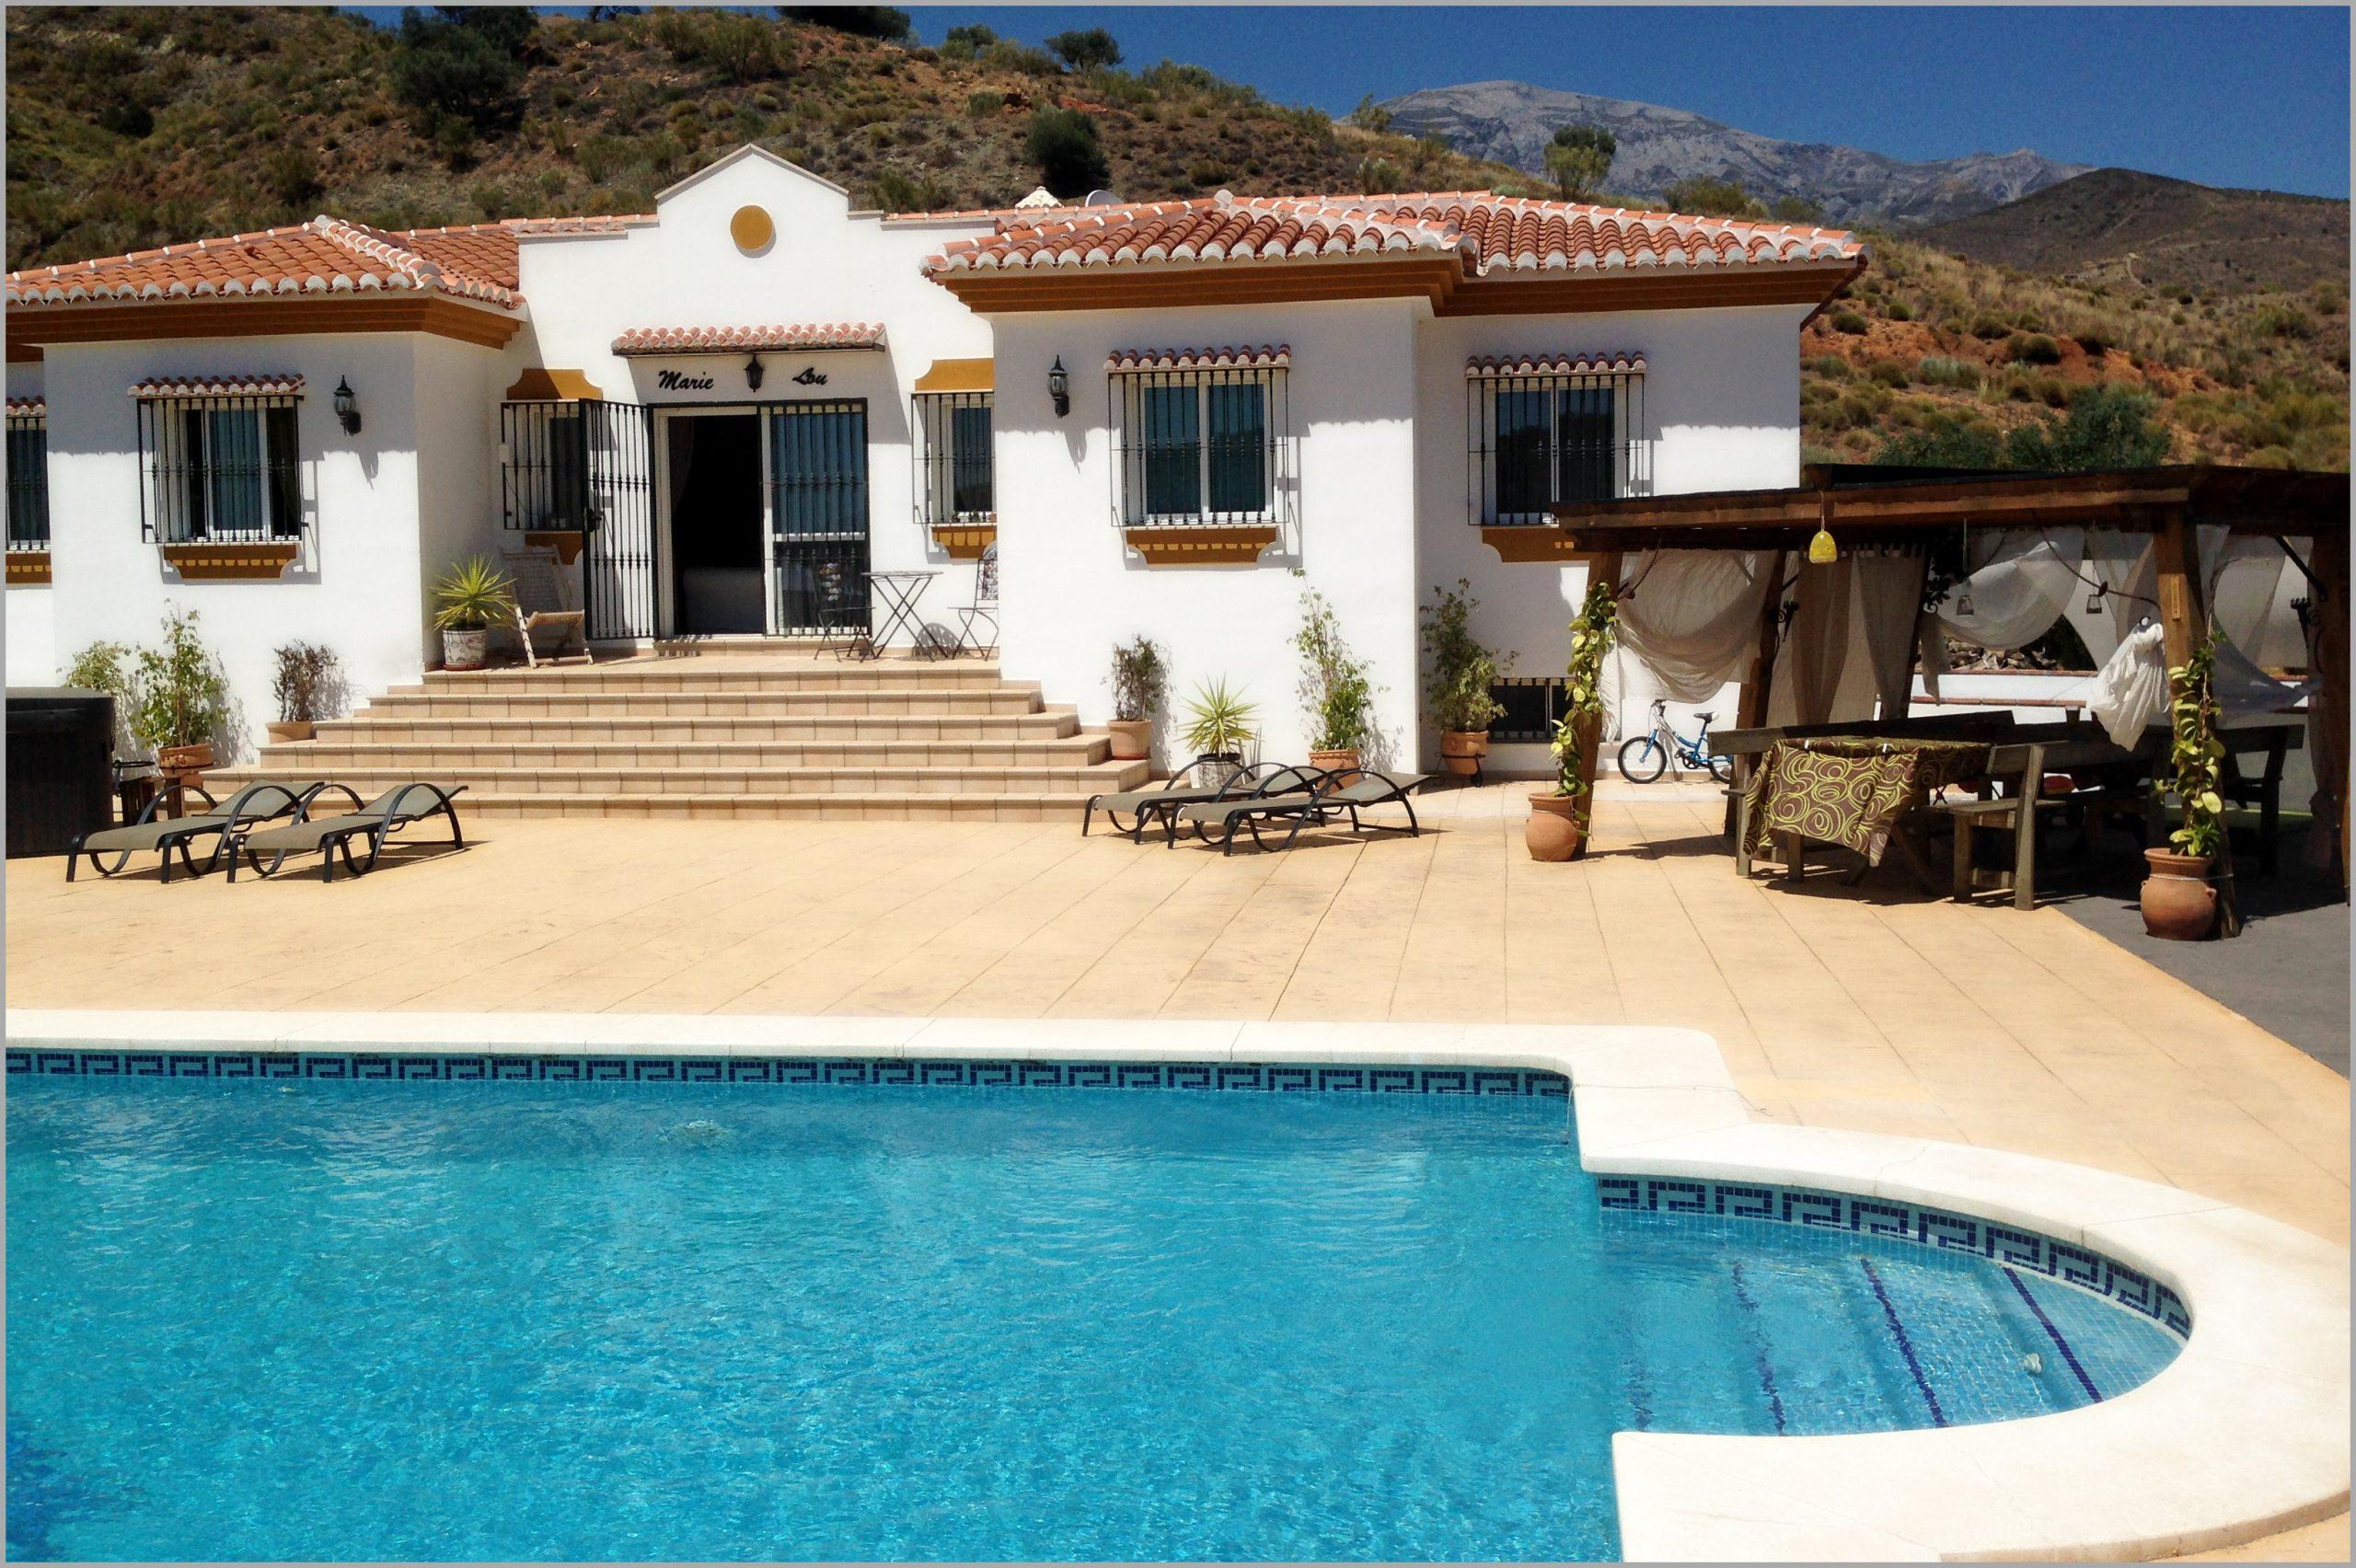 Location Maison Avec Piscine Sans Vis A Vis Espagne ... pour Villa En Espagne Avec Piscine